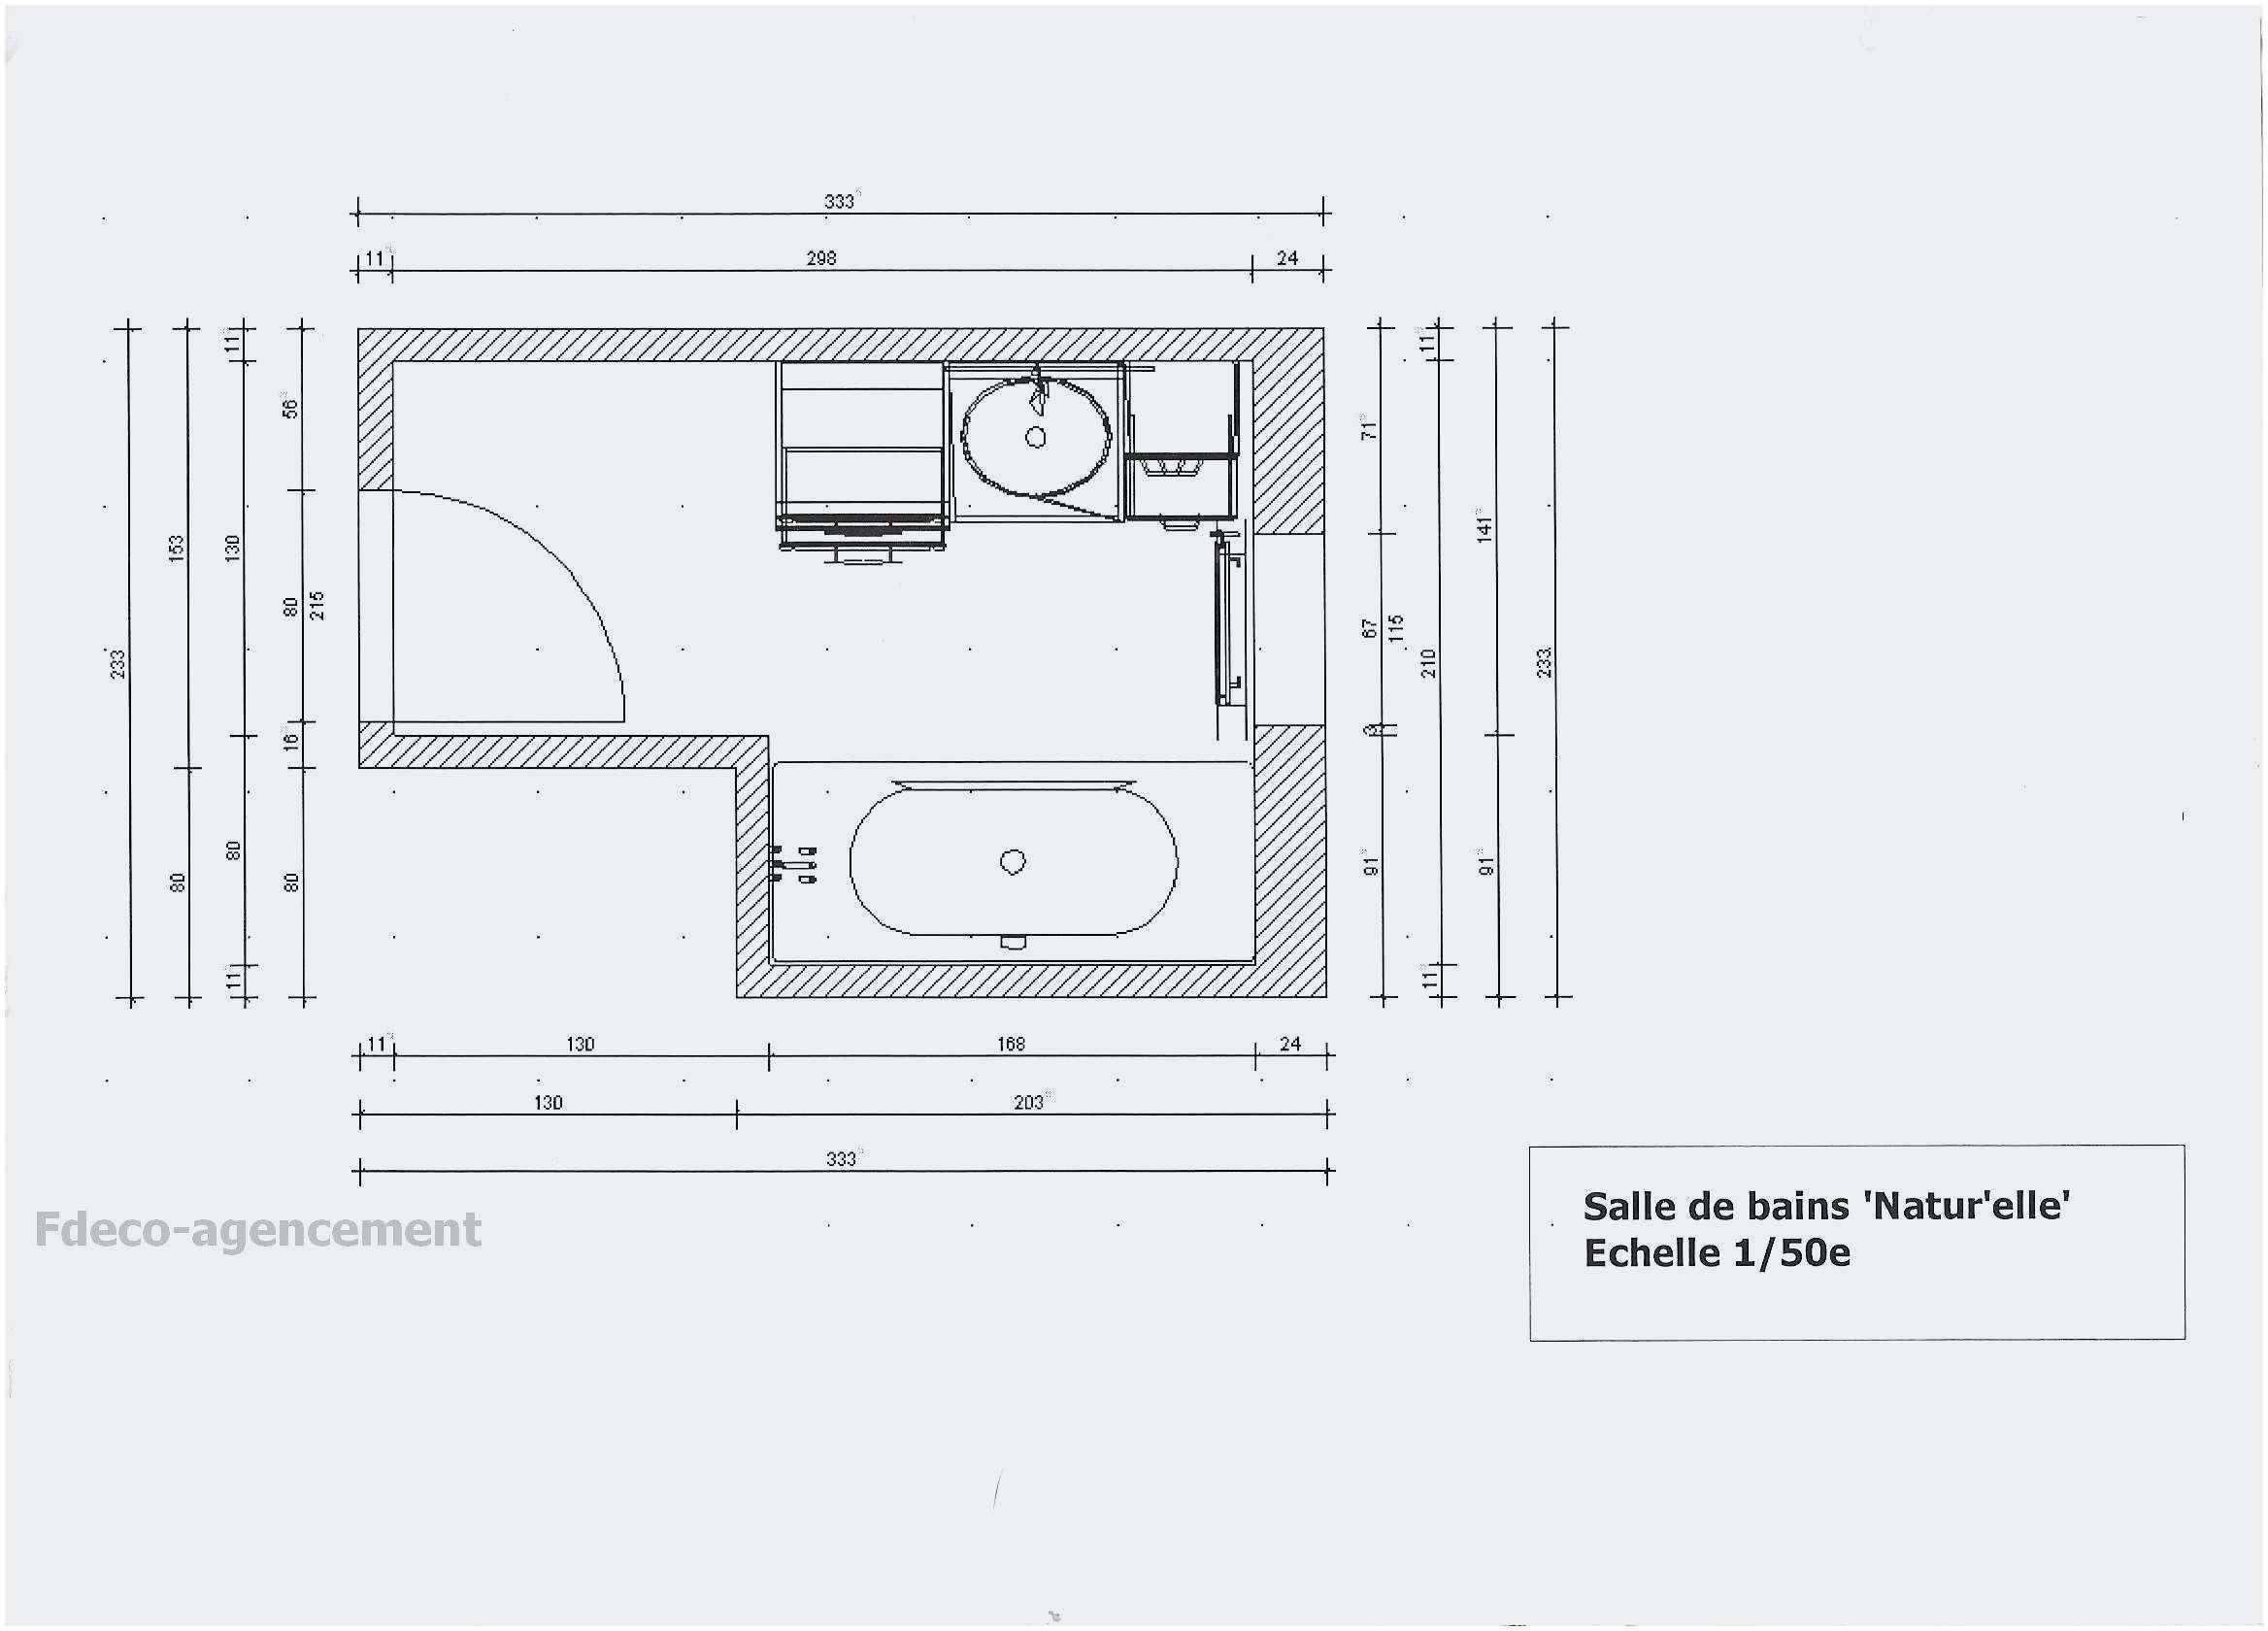 Salle De Bain Electricite Normes | Bright Shadow Online tout Norme Électrique Salle De Bain